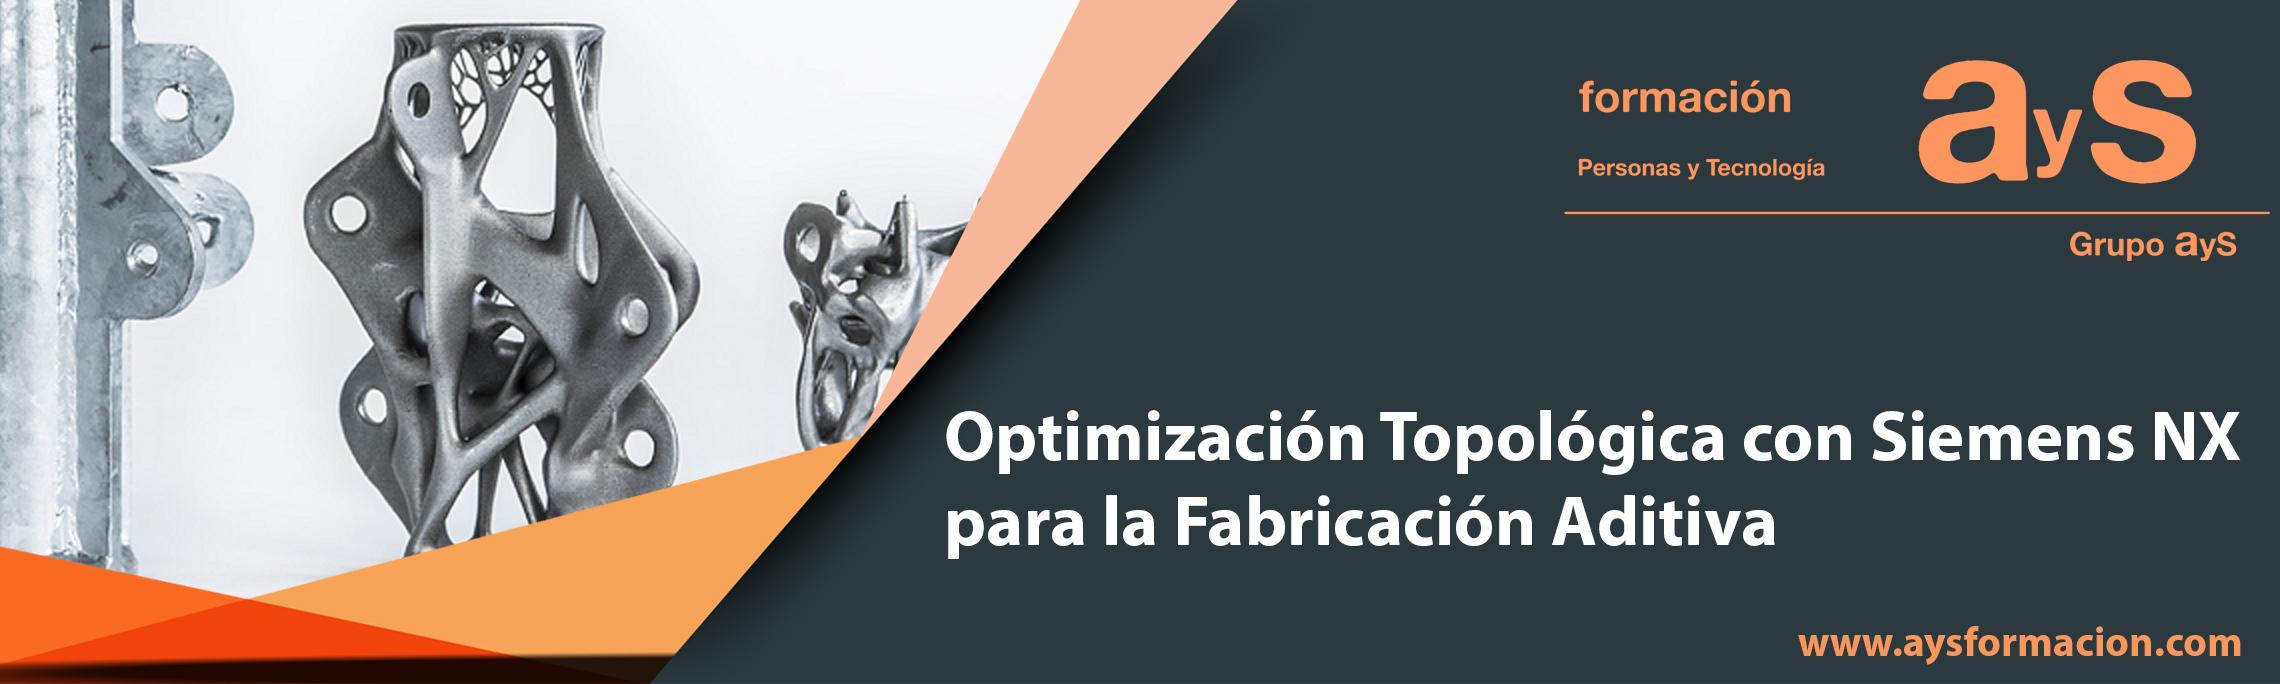 Optimización Topológica con Siemens NX para la Fabricación Aditiva